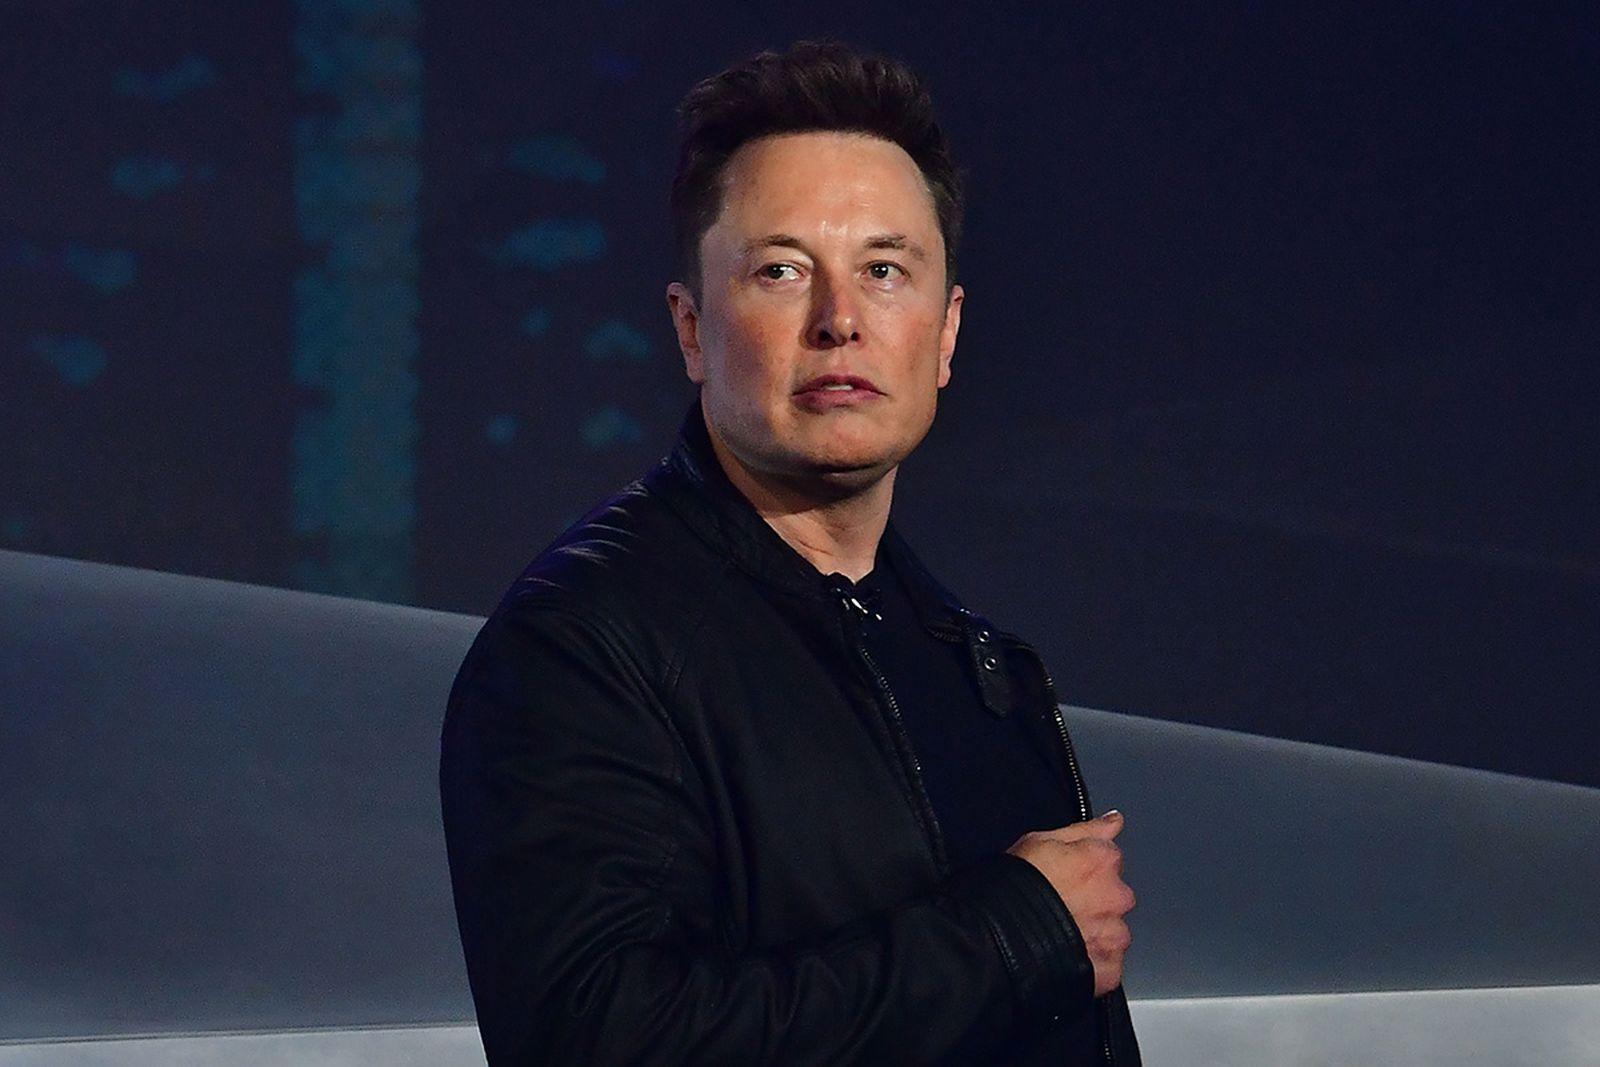 Elon Musk at the Tesla Cybertruck launch